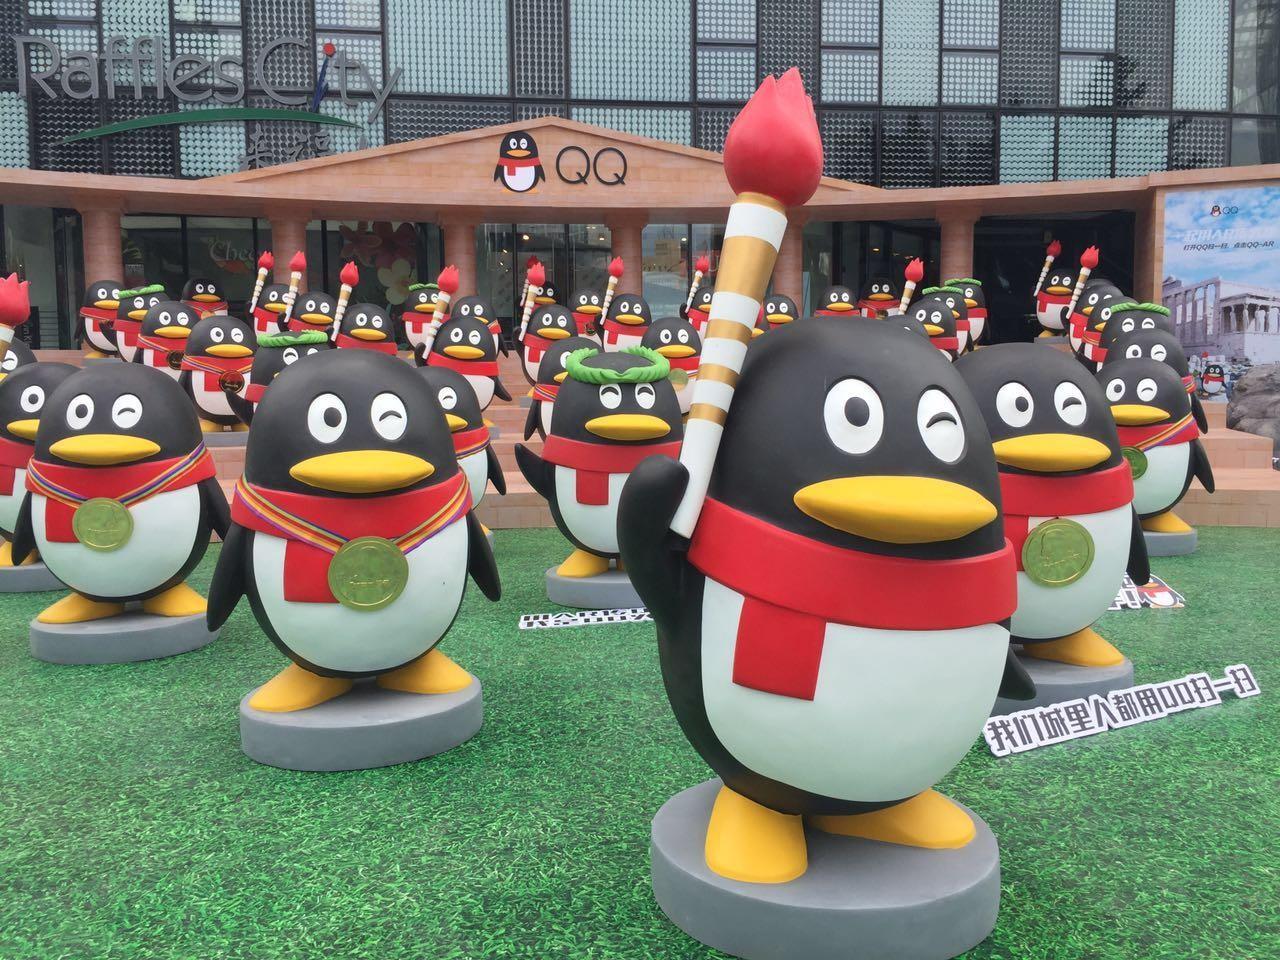 数百只企鹅助阵 全民玩转QQ-AR传火炬